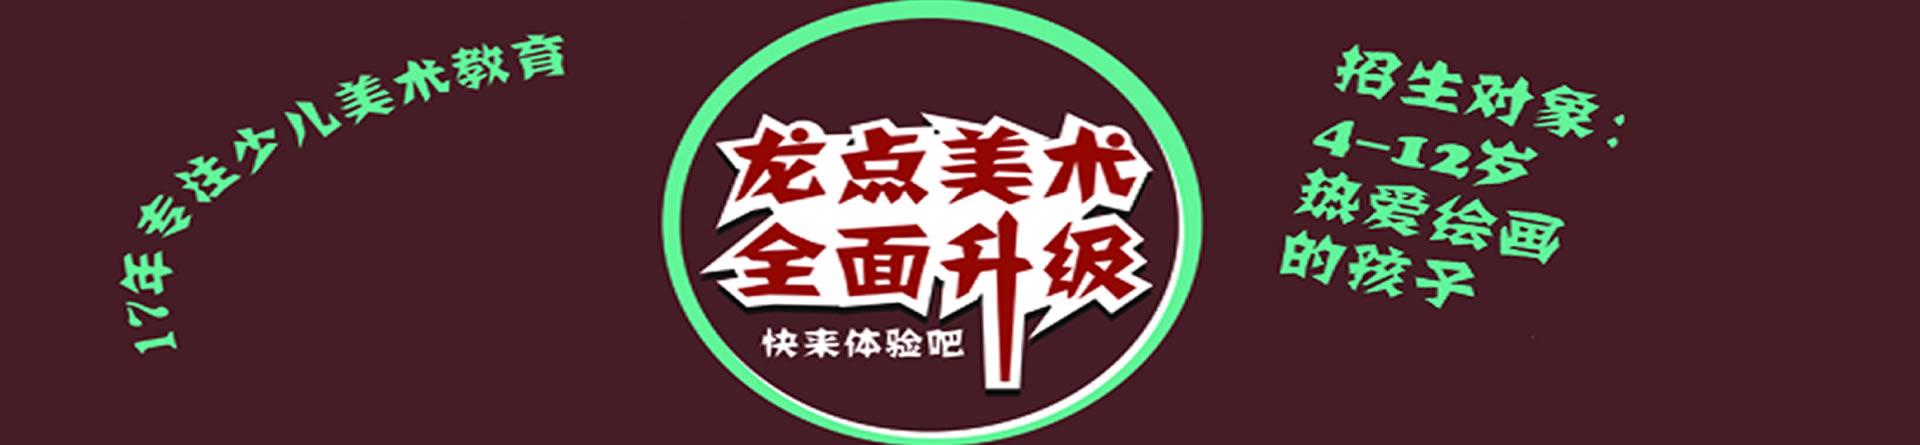 郑州龙点画室